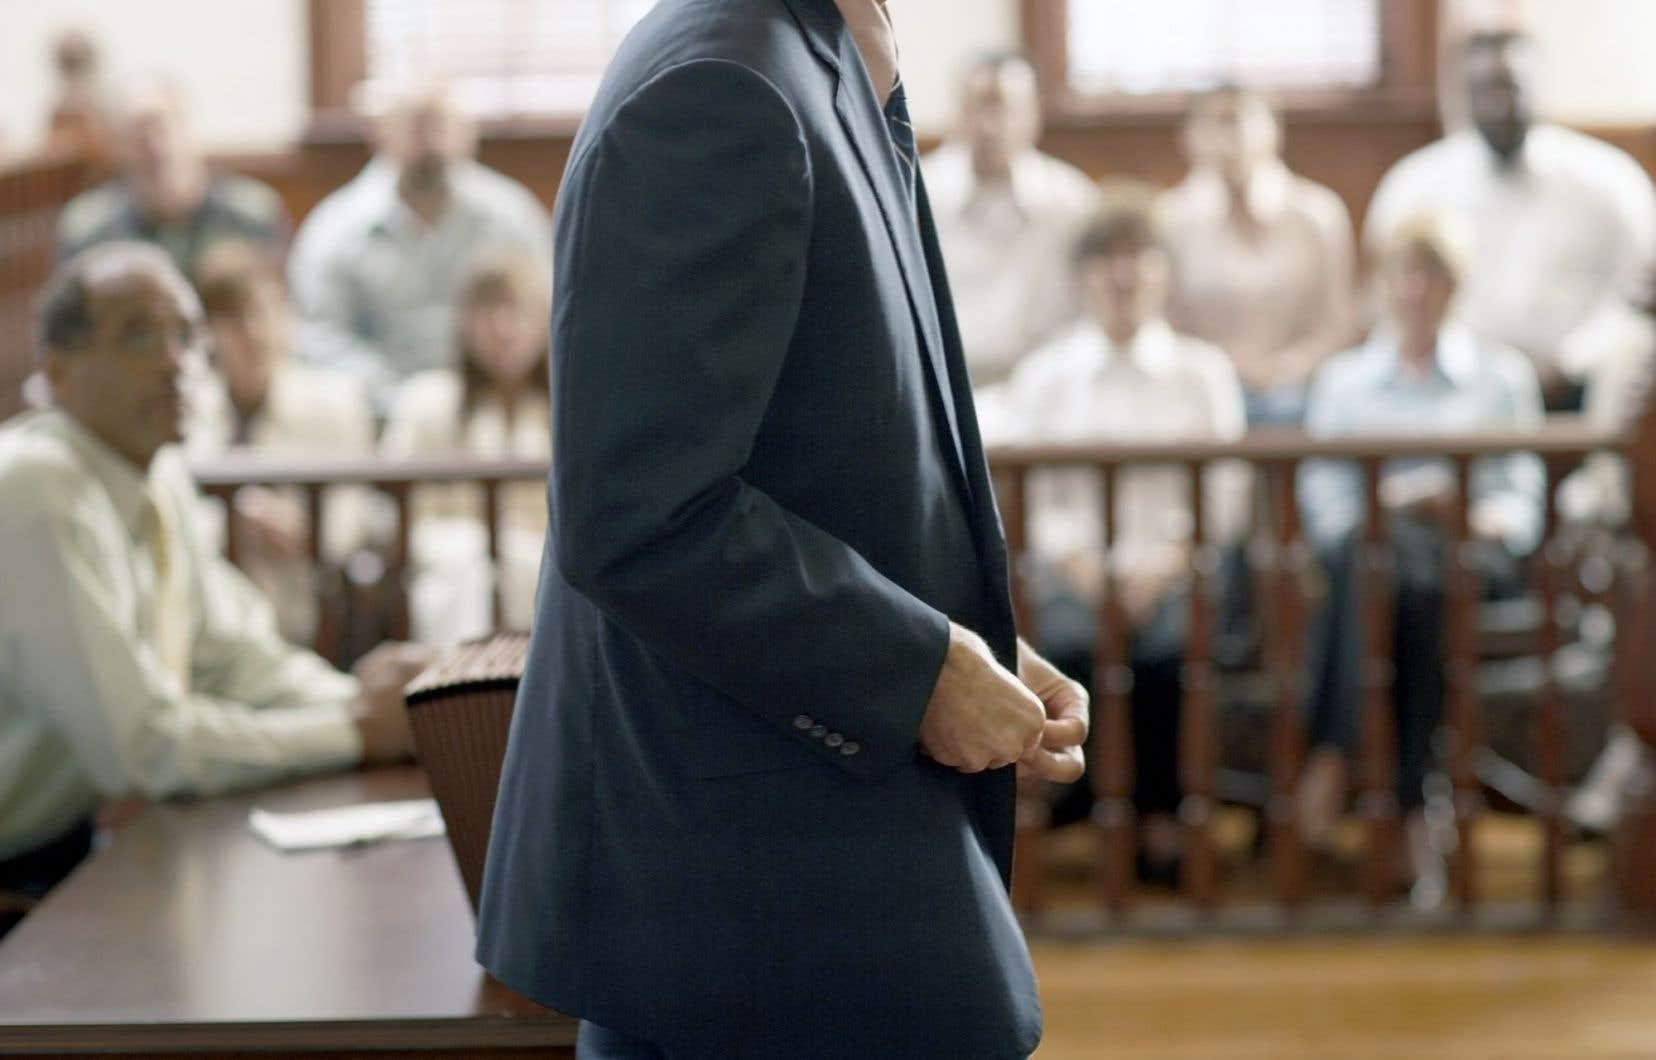 Le Concours de procès simulé en droit international Charles-Rousseau accueillera des étudiants qui plaideront dans le cadre d'une «fausse» affaire traitant d'interception, de collecte et de traitement de données électroniques.